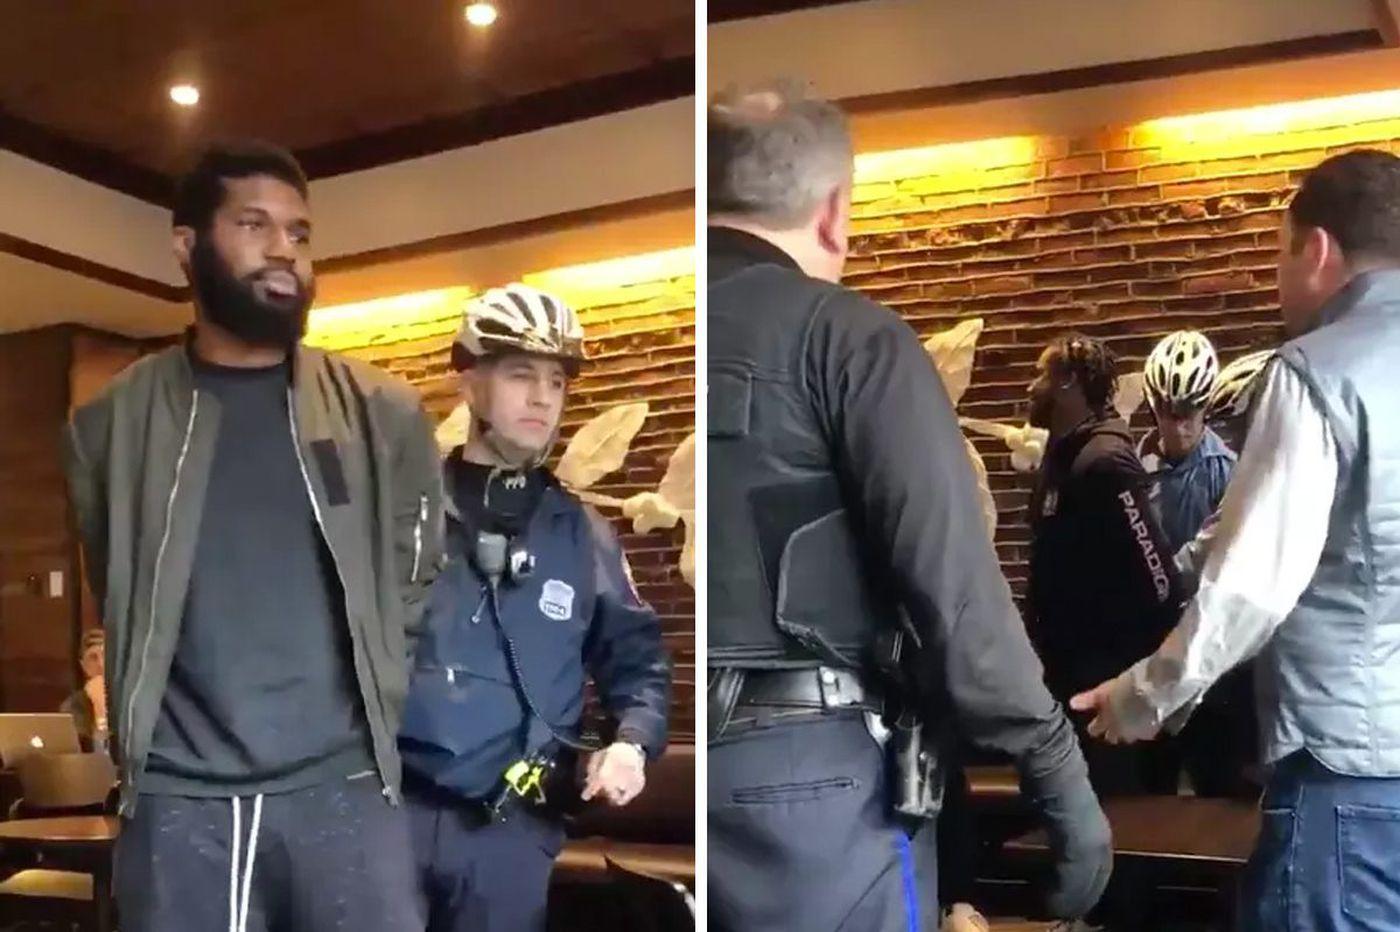 What happened at Starbucks in Philadelphia?